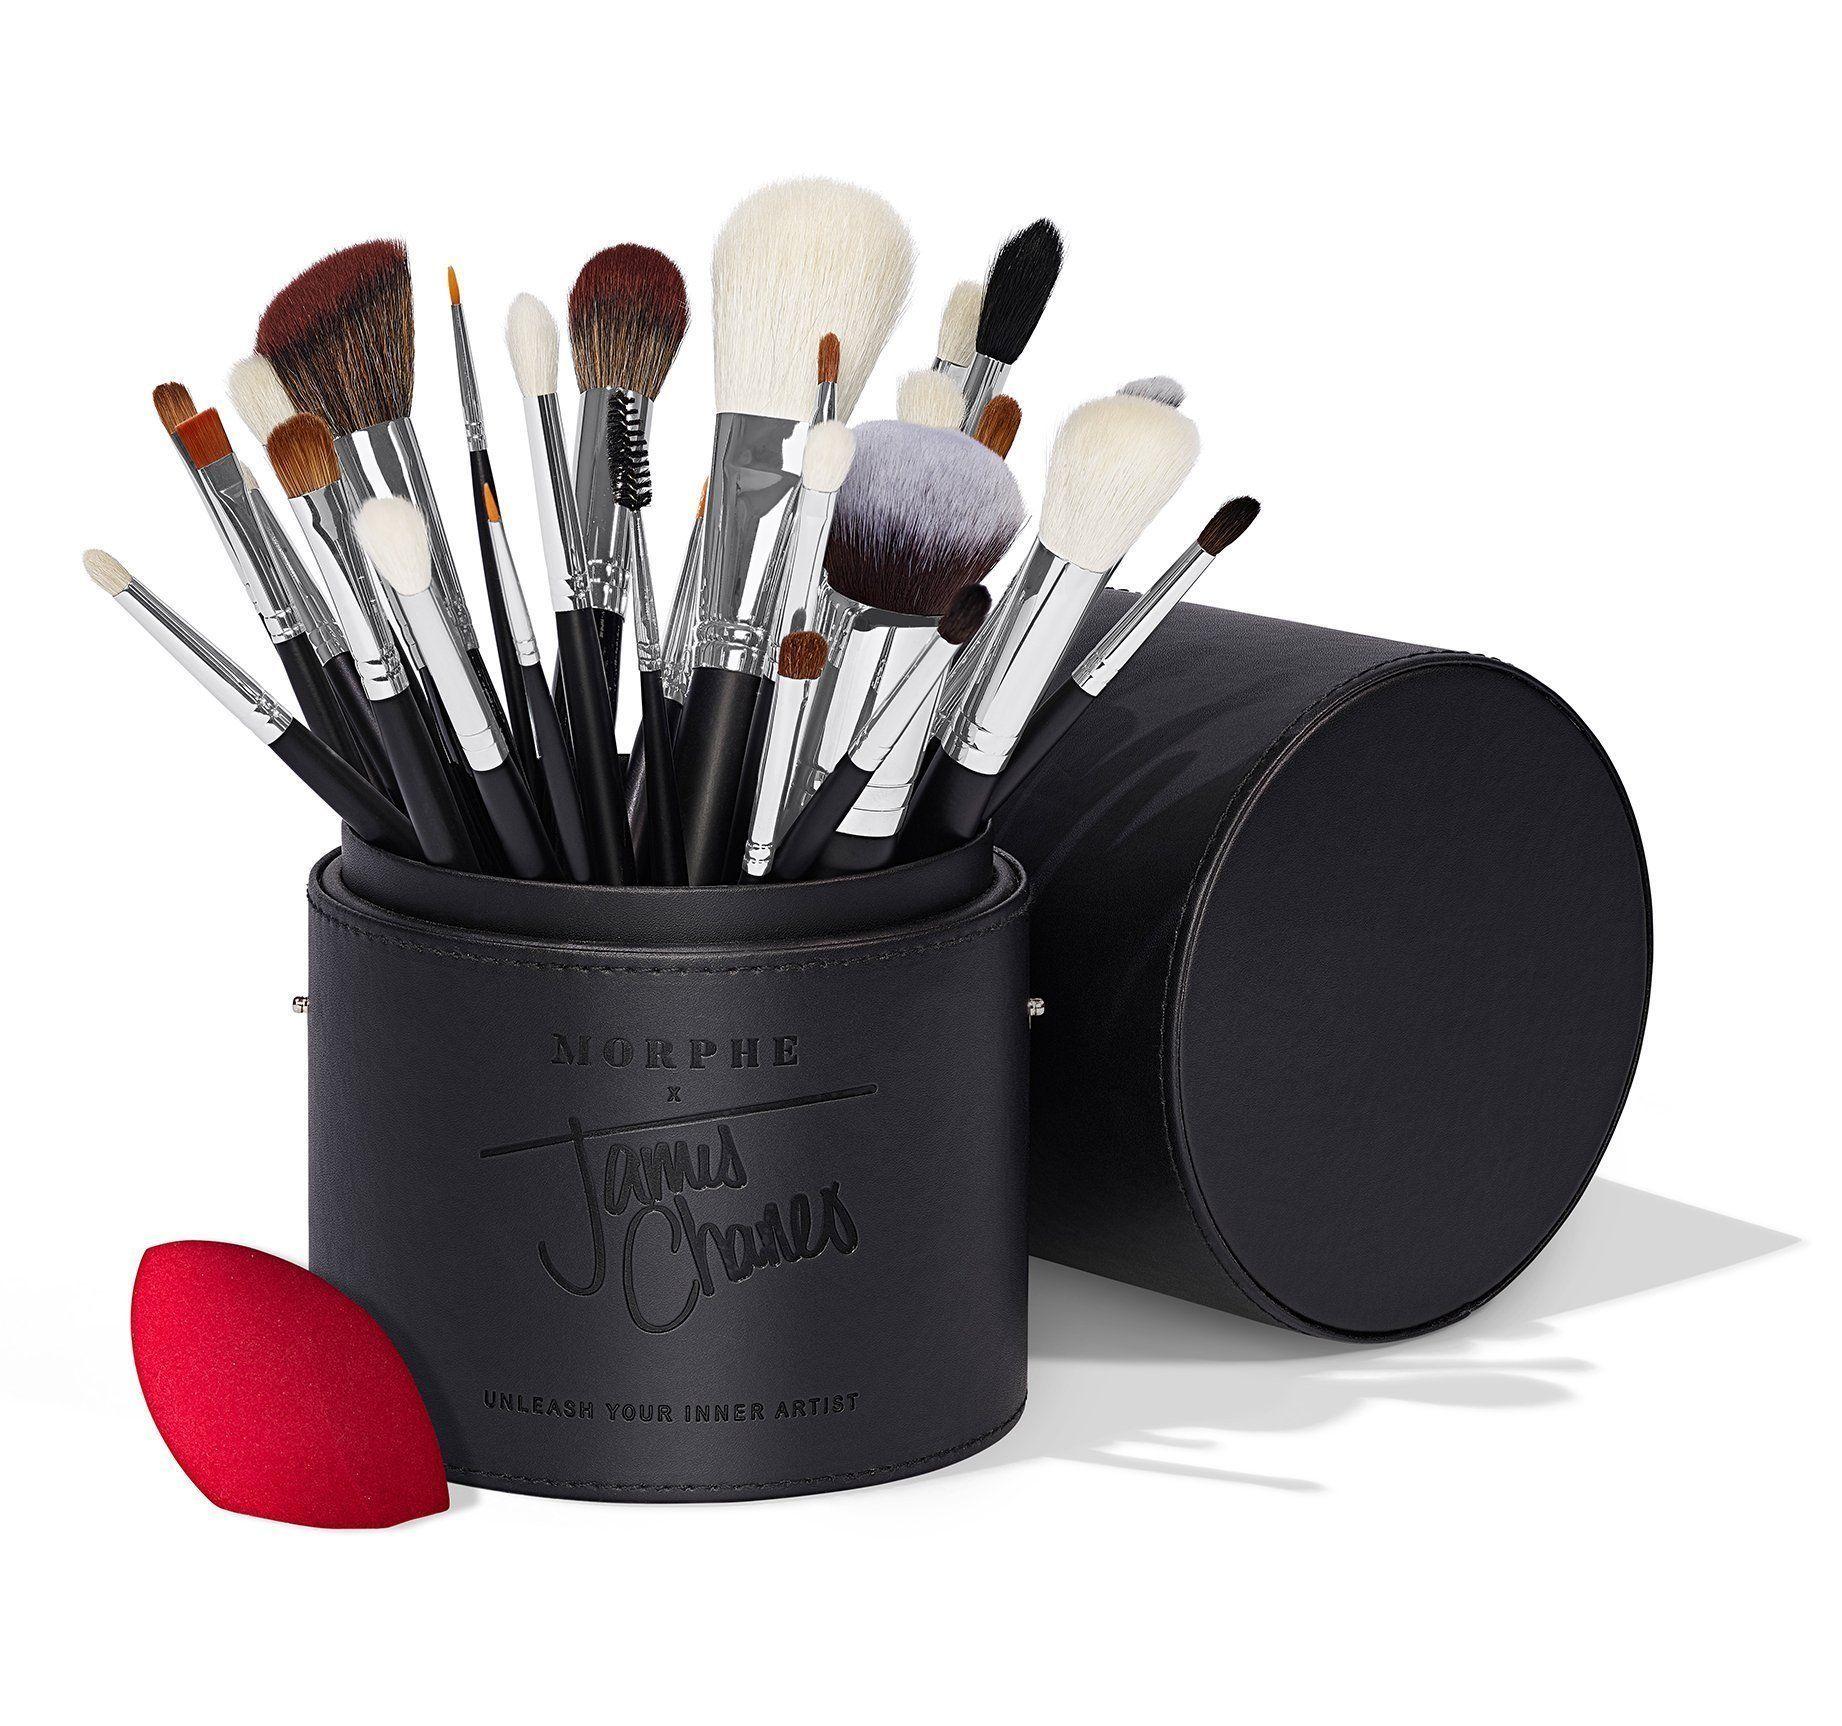 Morphe The James Charles Brush Set Brochas de maquillaje